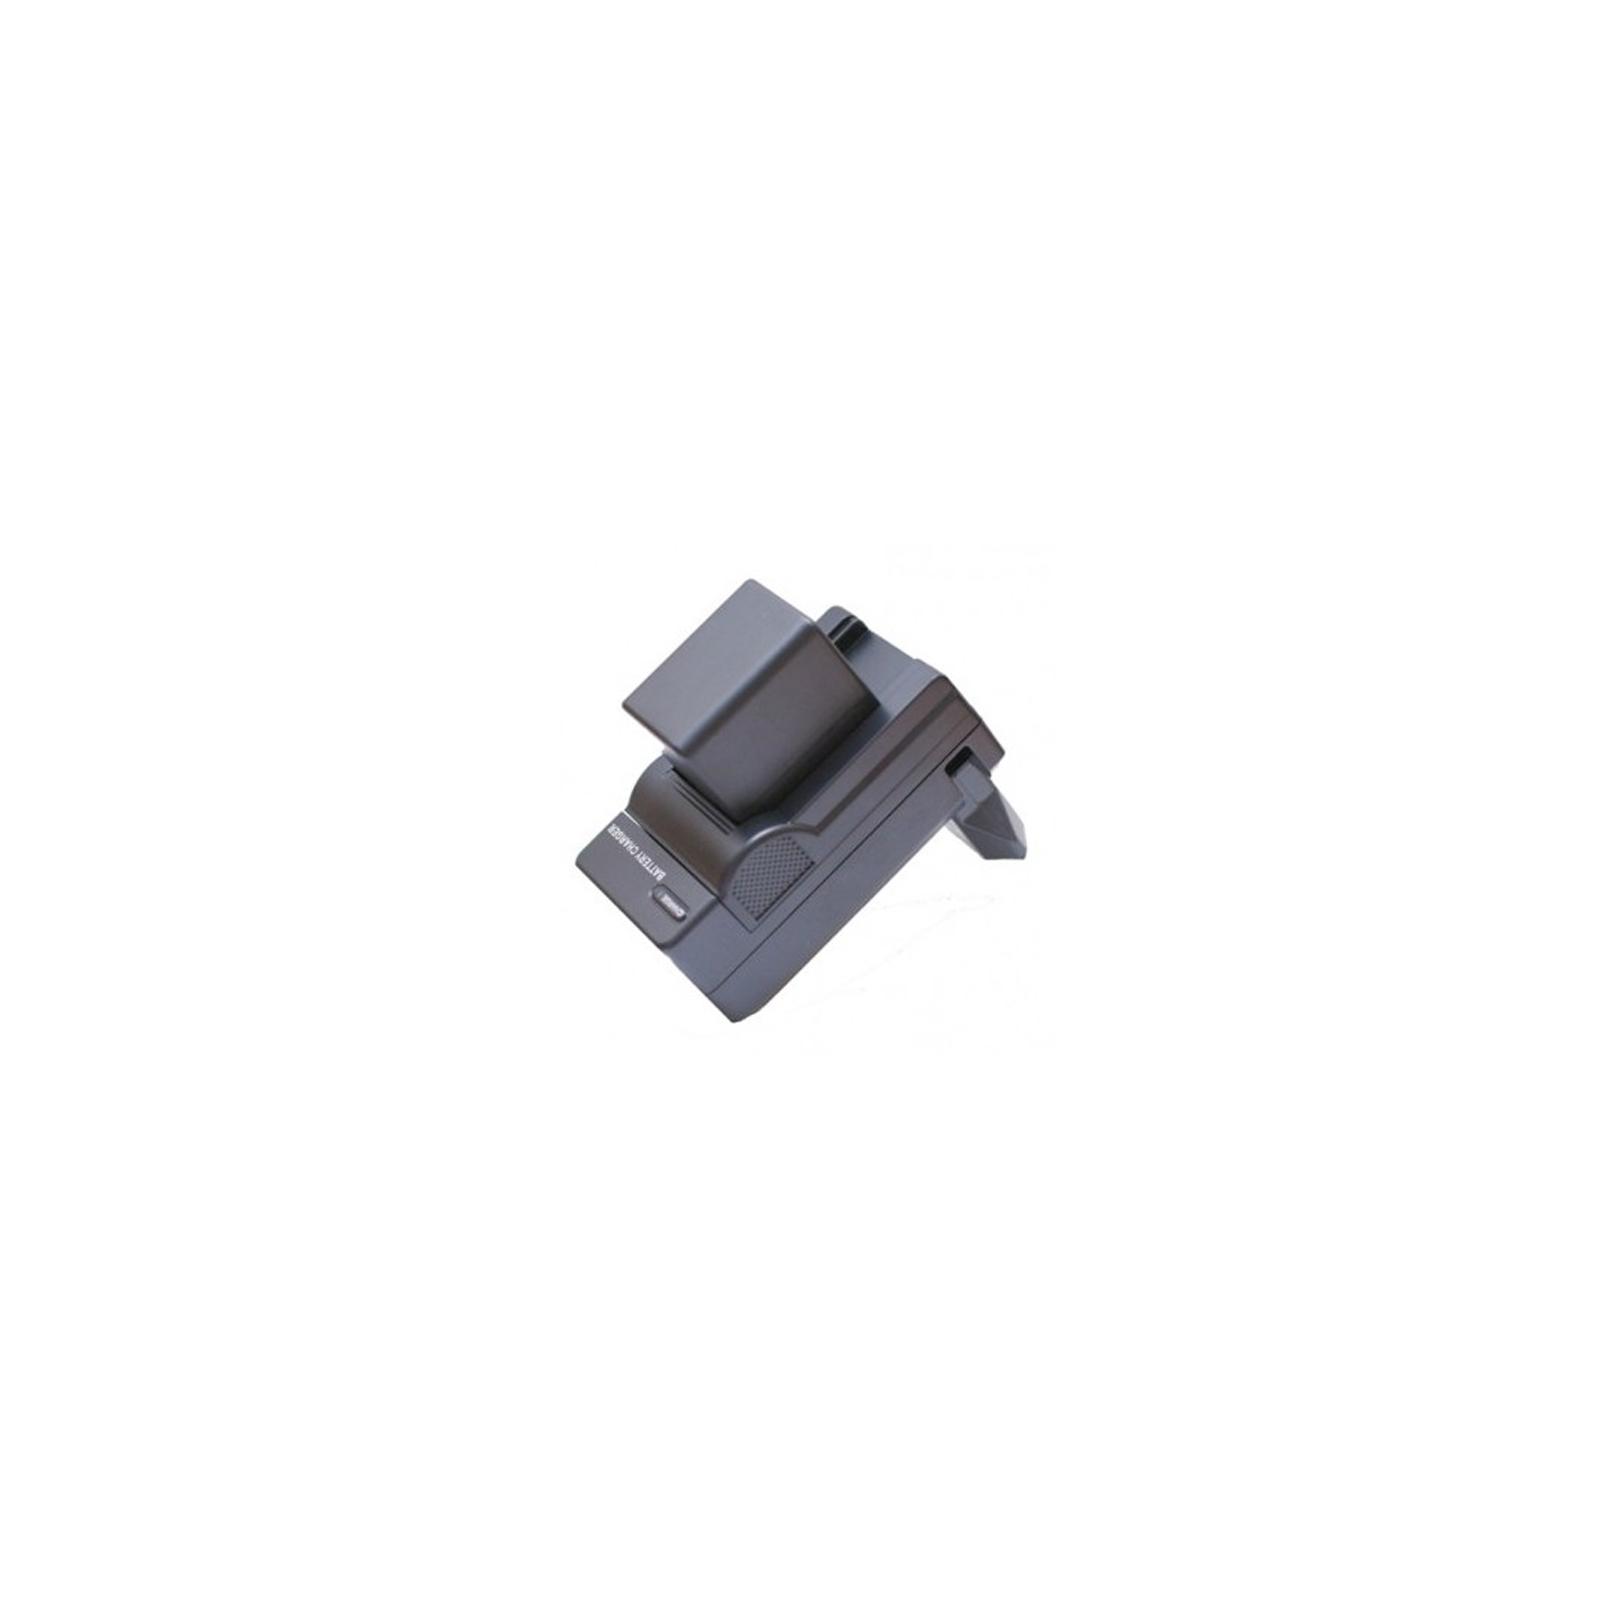 Аккумулятор к фото/видео EXTRADIGITAL Canon BP-718 + зарядное устройство (DV00DV1375) изображение 3